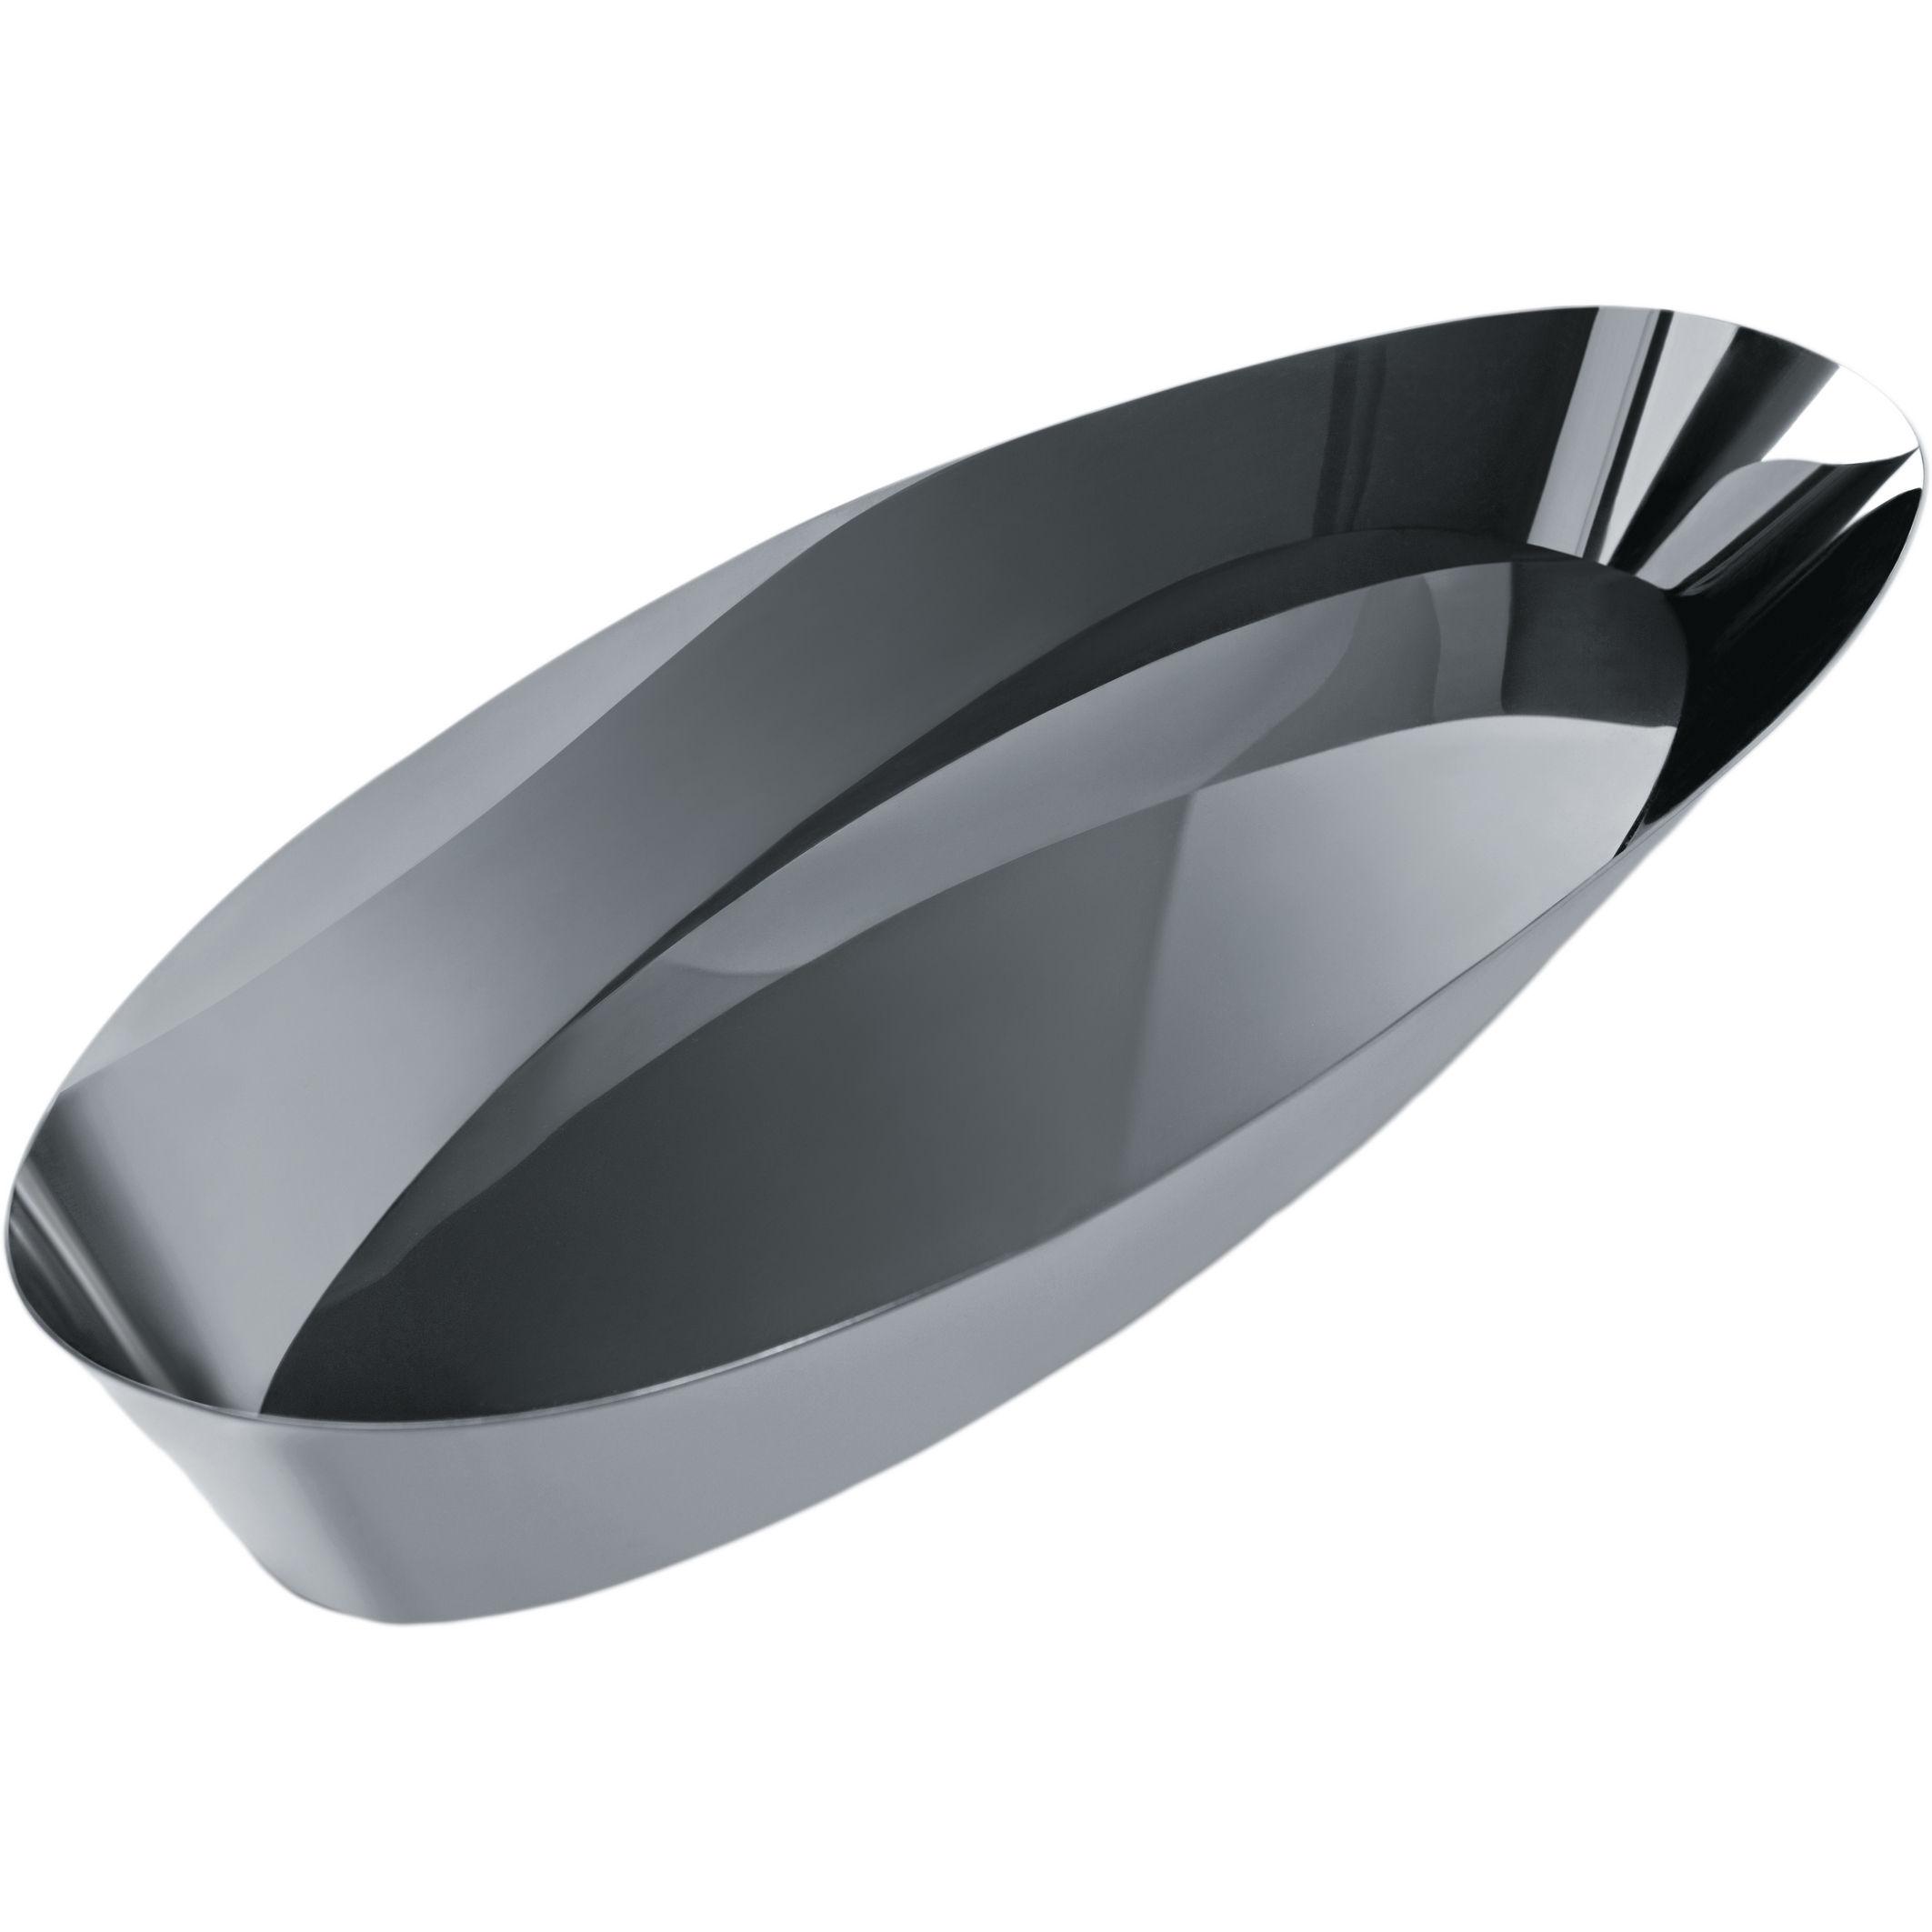 Pinpin portapane acciaio brillante by alessi made in design for Portapane alessi prezzo